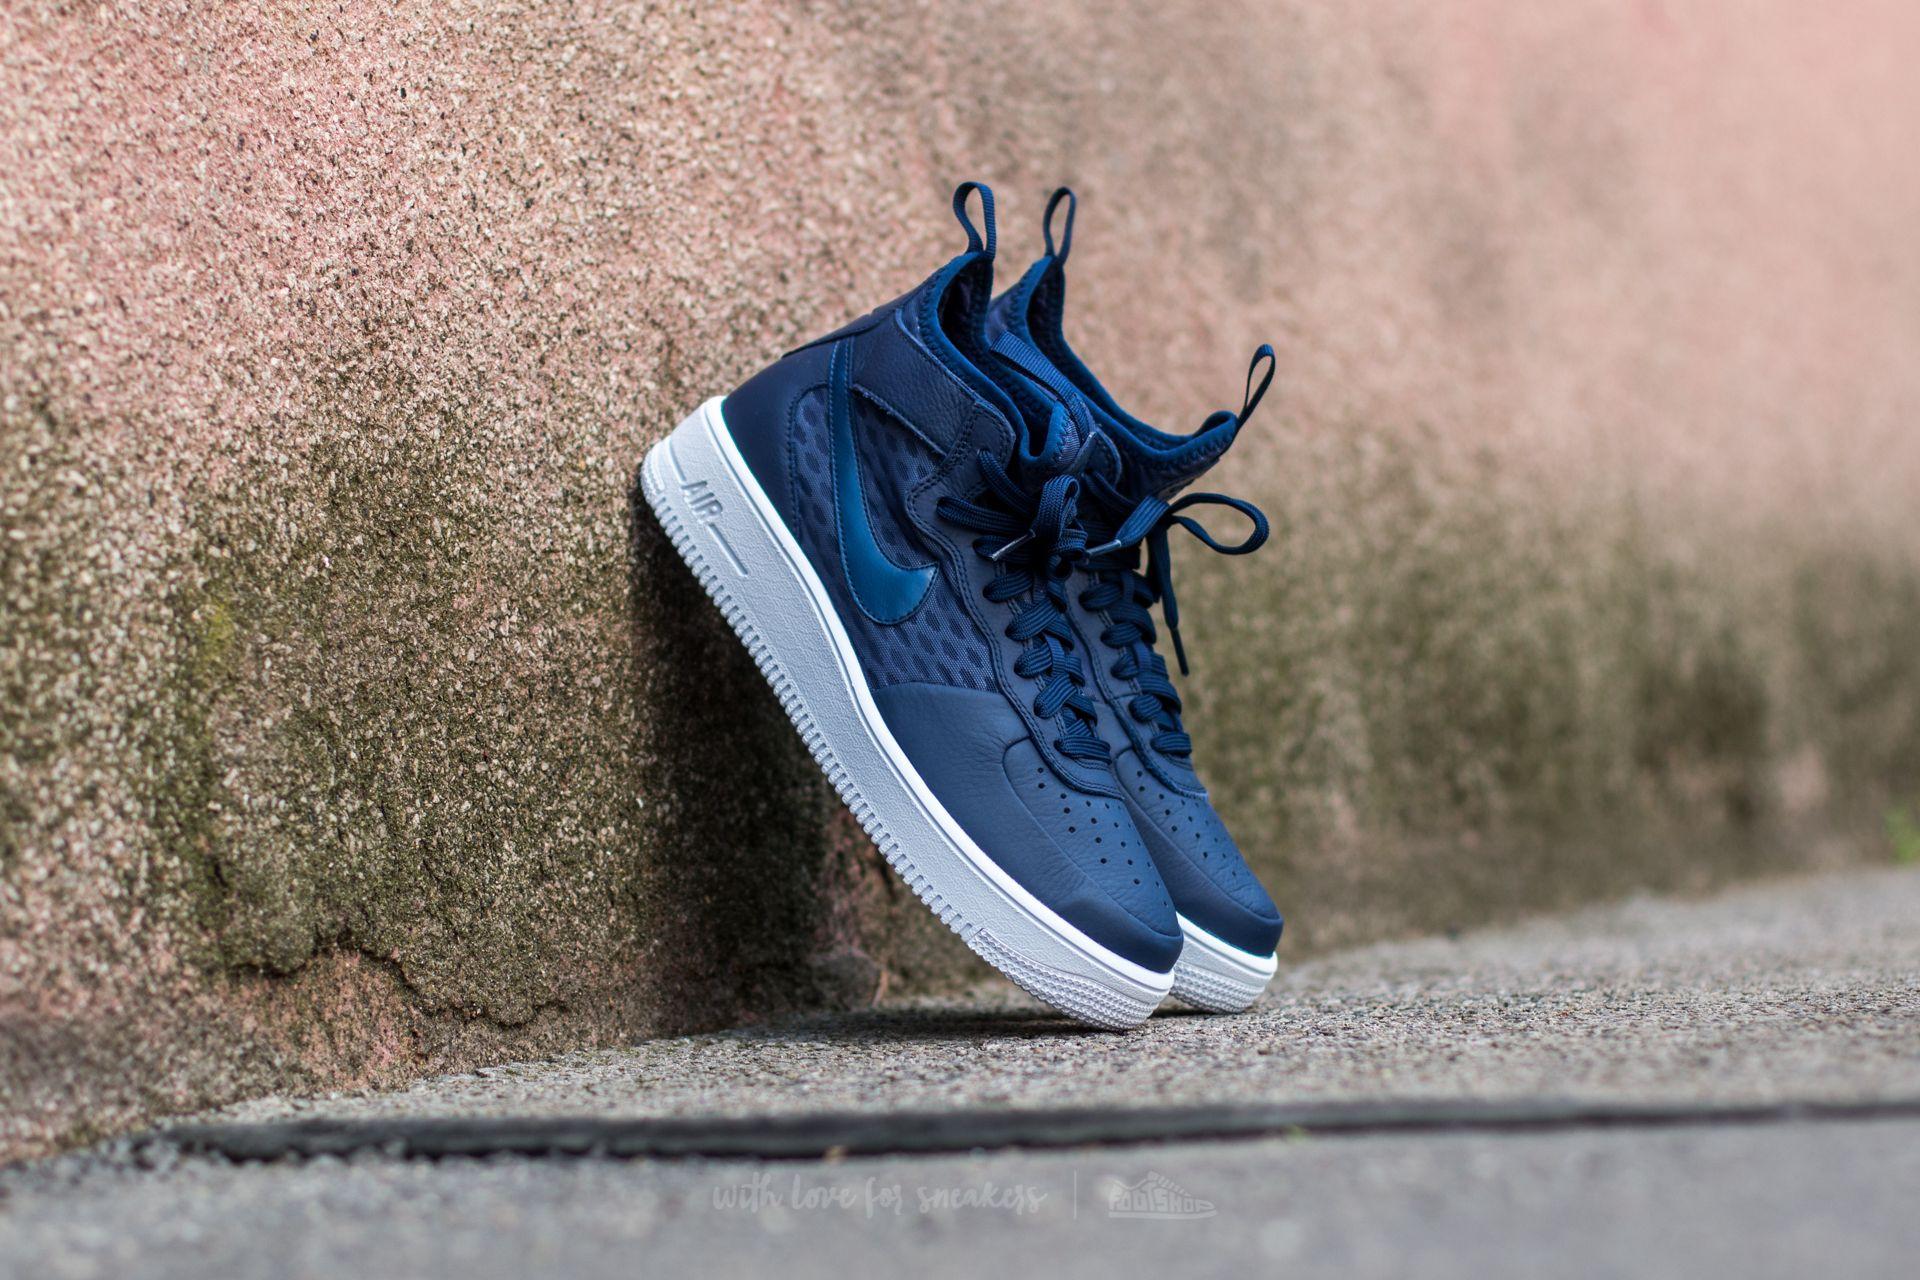 Nike Air Force 1 Ultraforce Mid Binary Blue Binary Blue